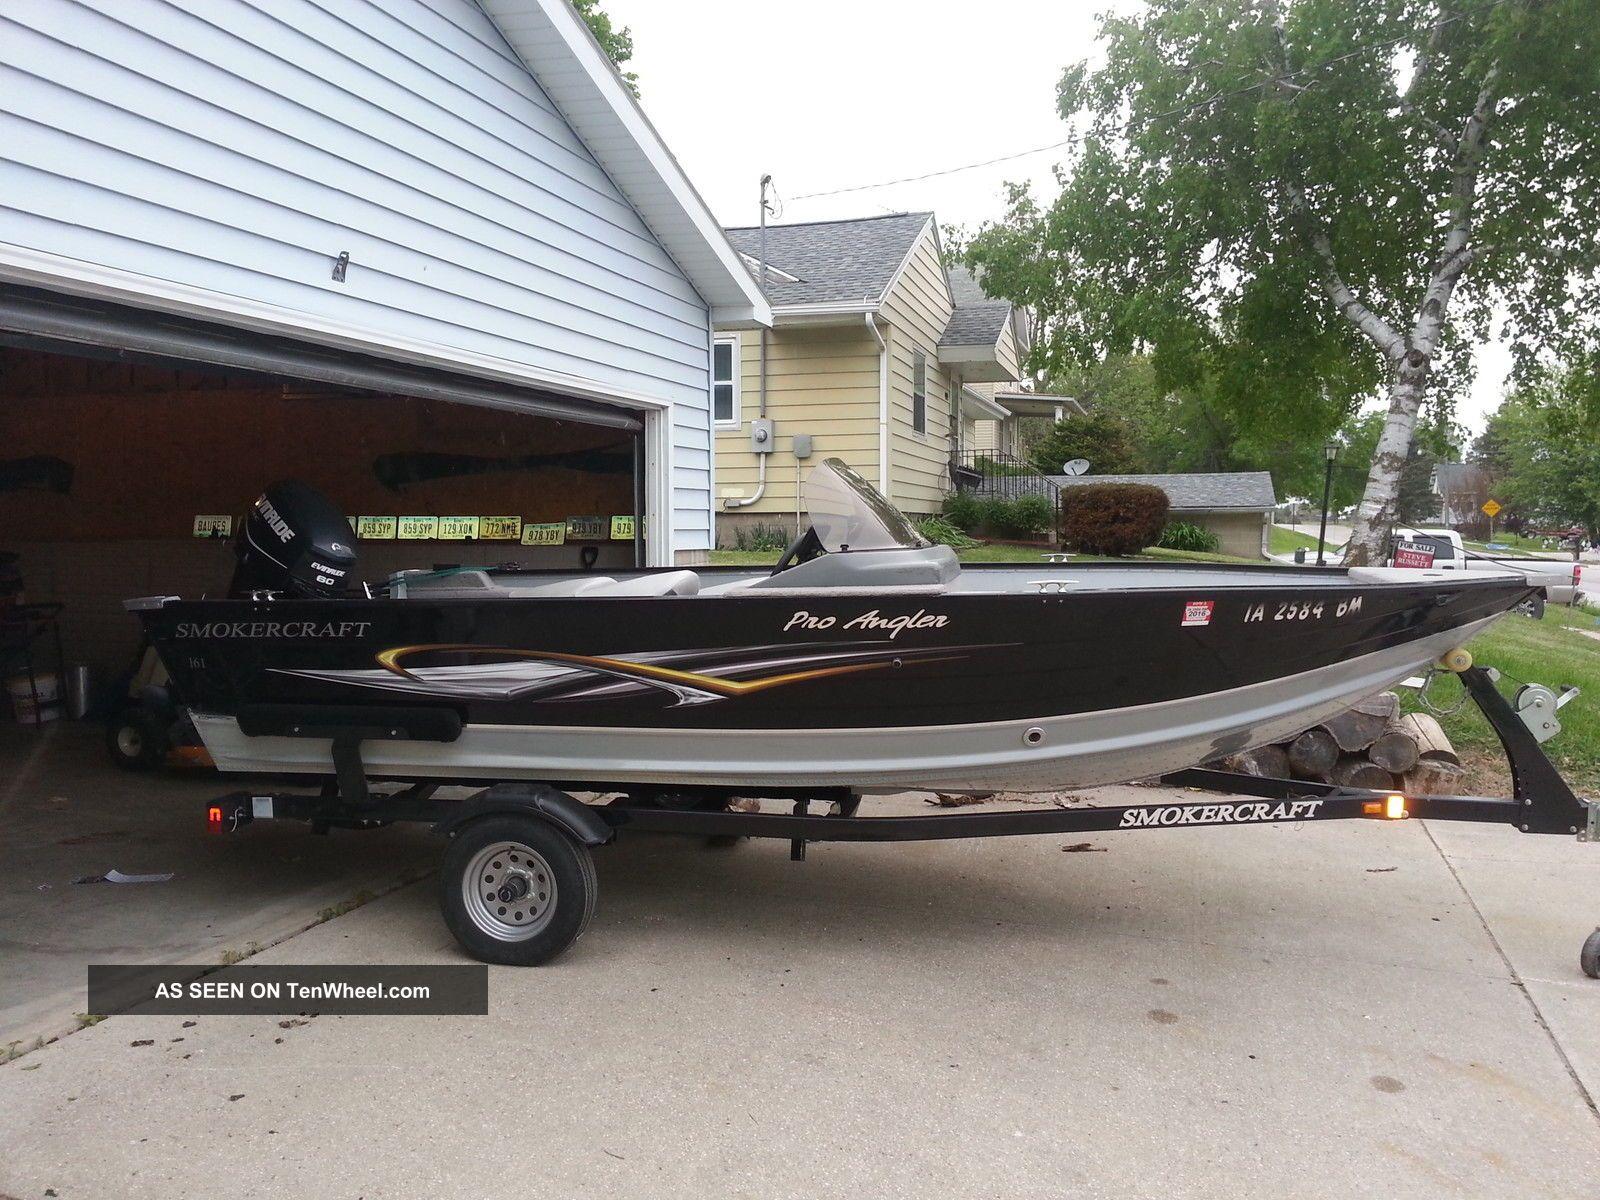 2010 Smokercraft Pro Angler 161 Bass Fishing Boats photo